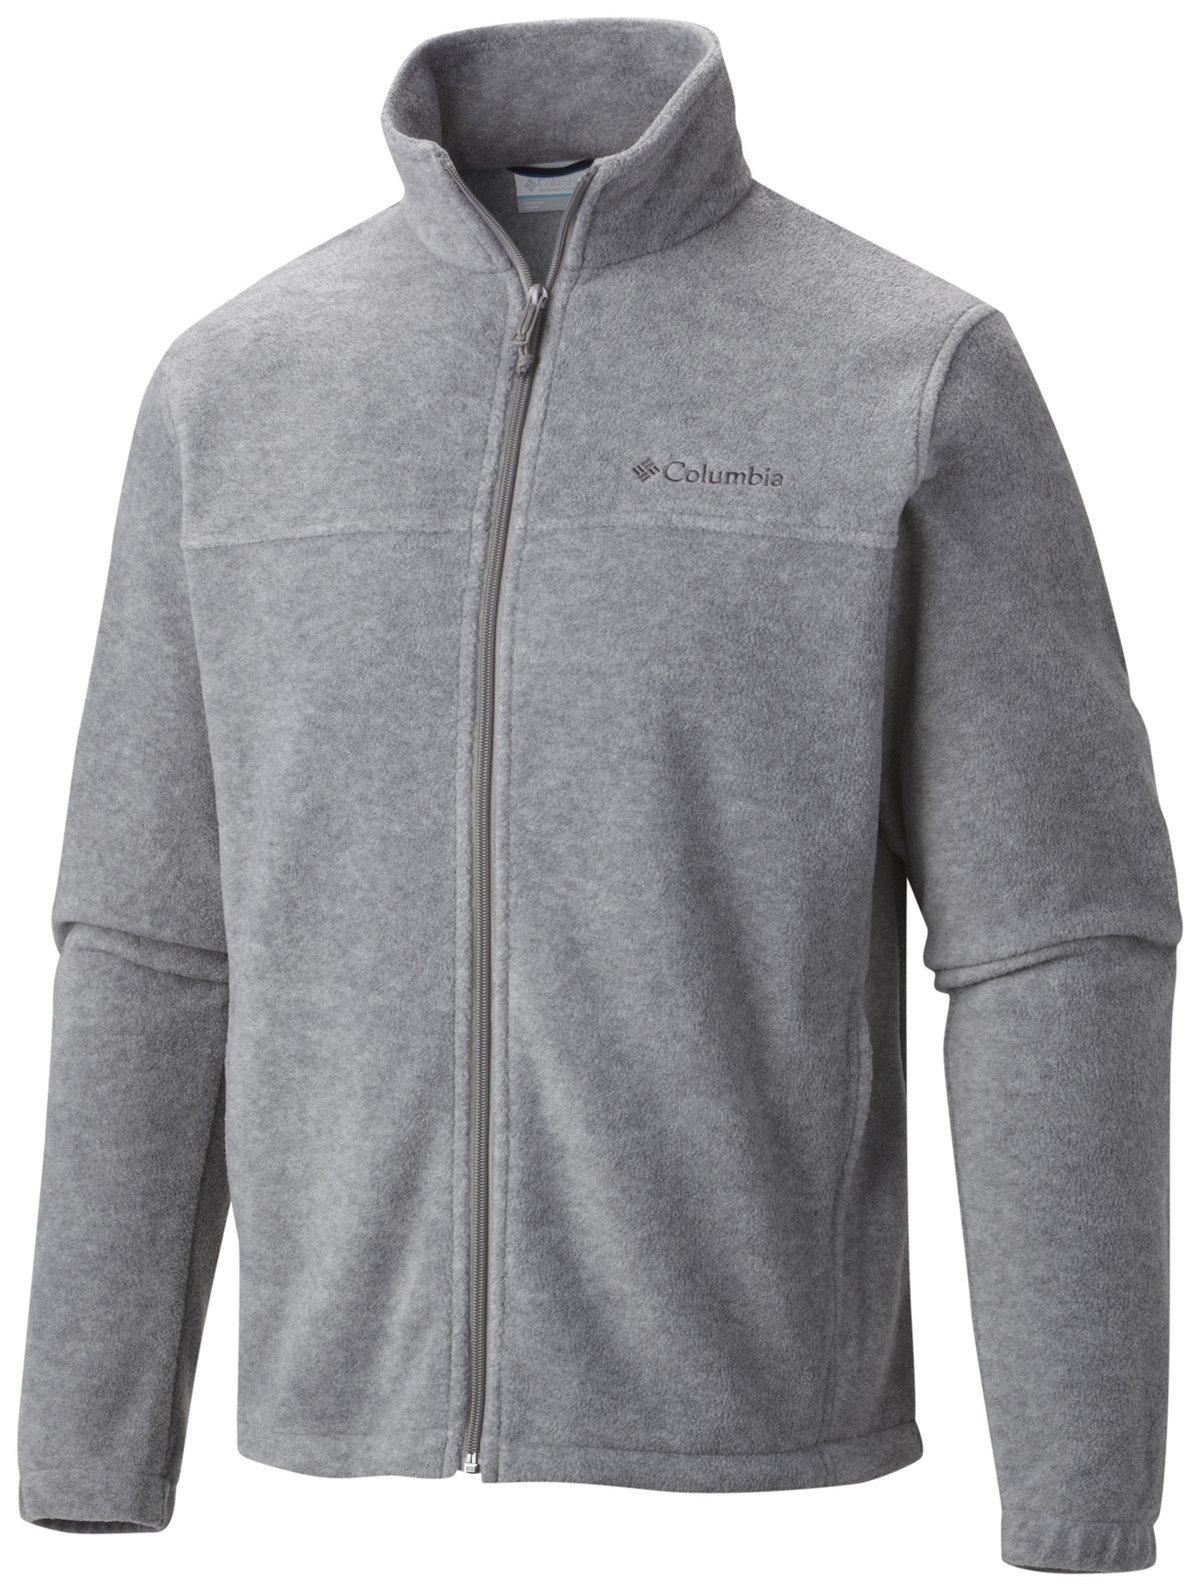 Columbia Sportswear Men's Steens Mountain Jacket